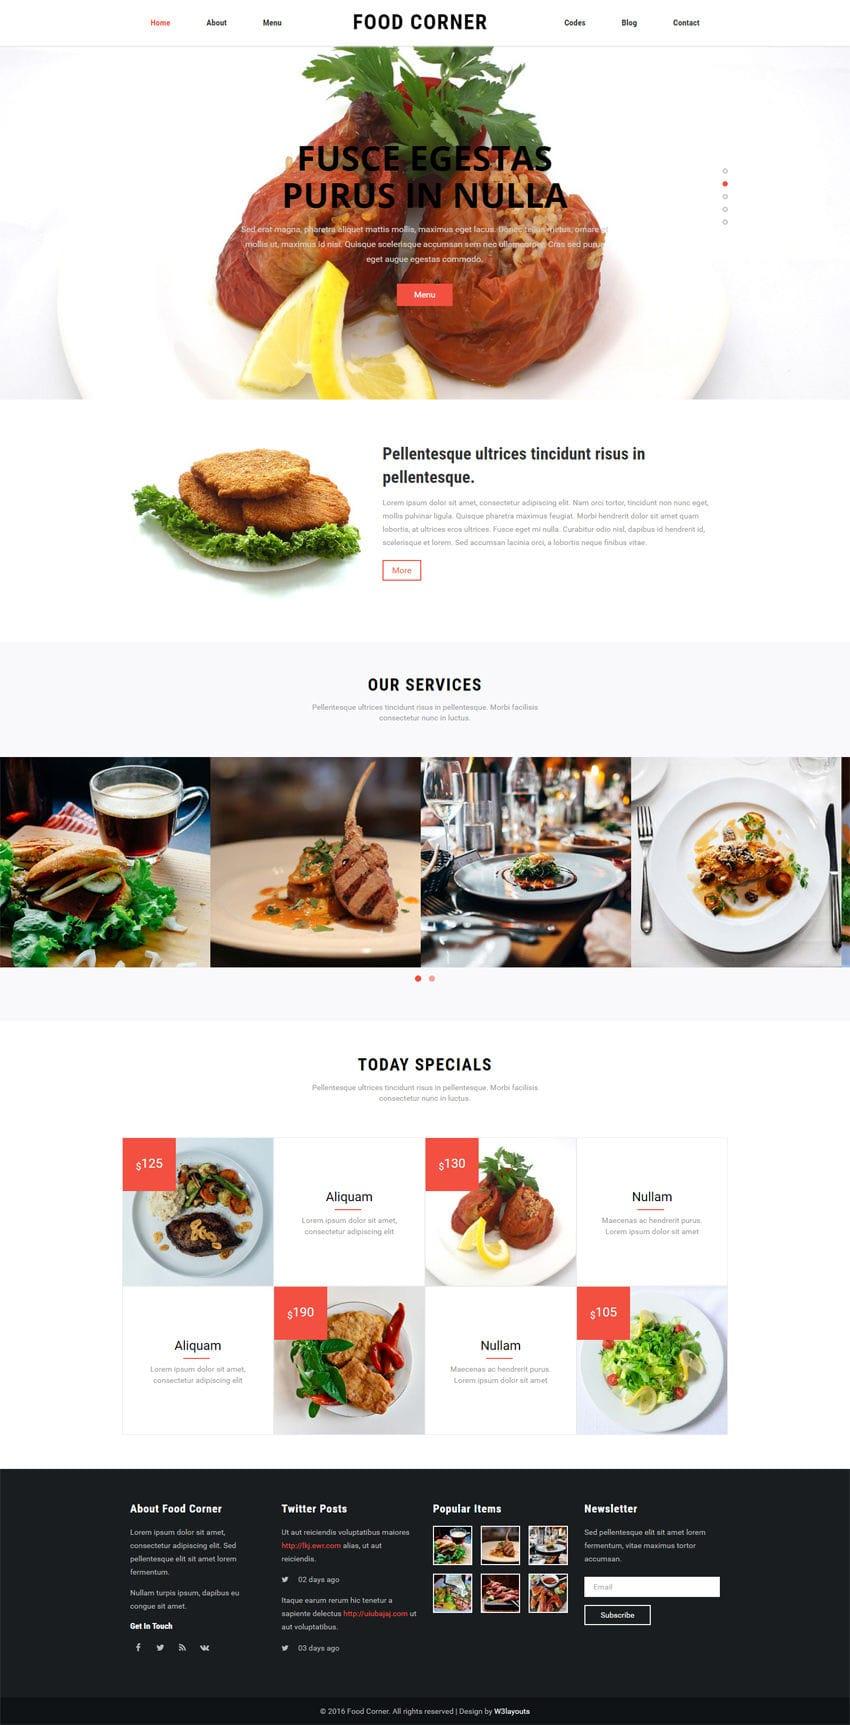 food_corner_full